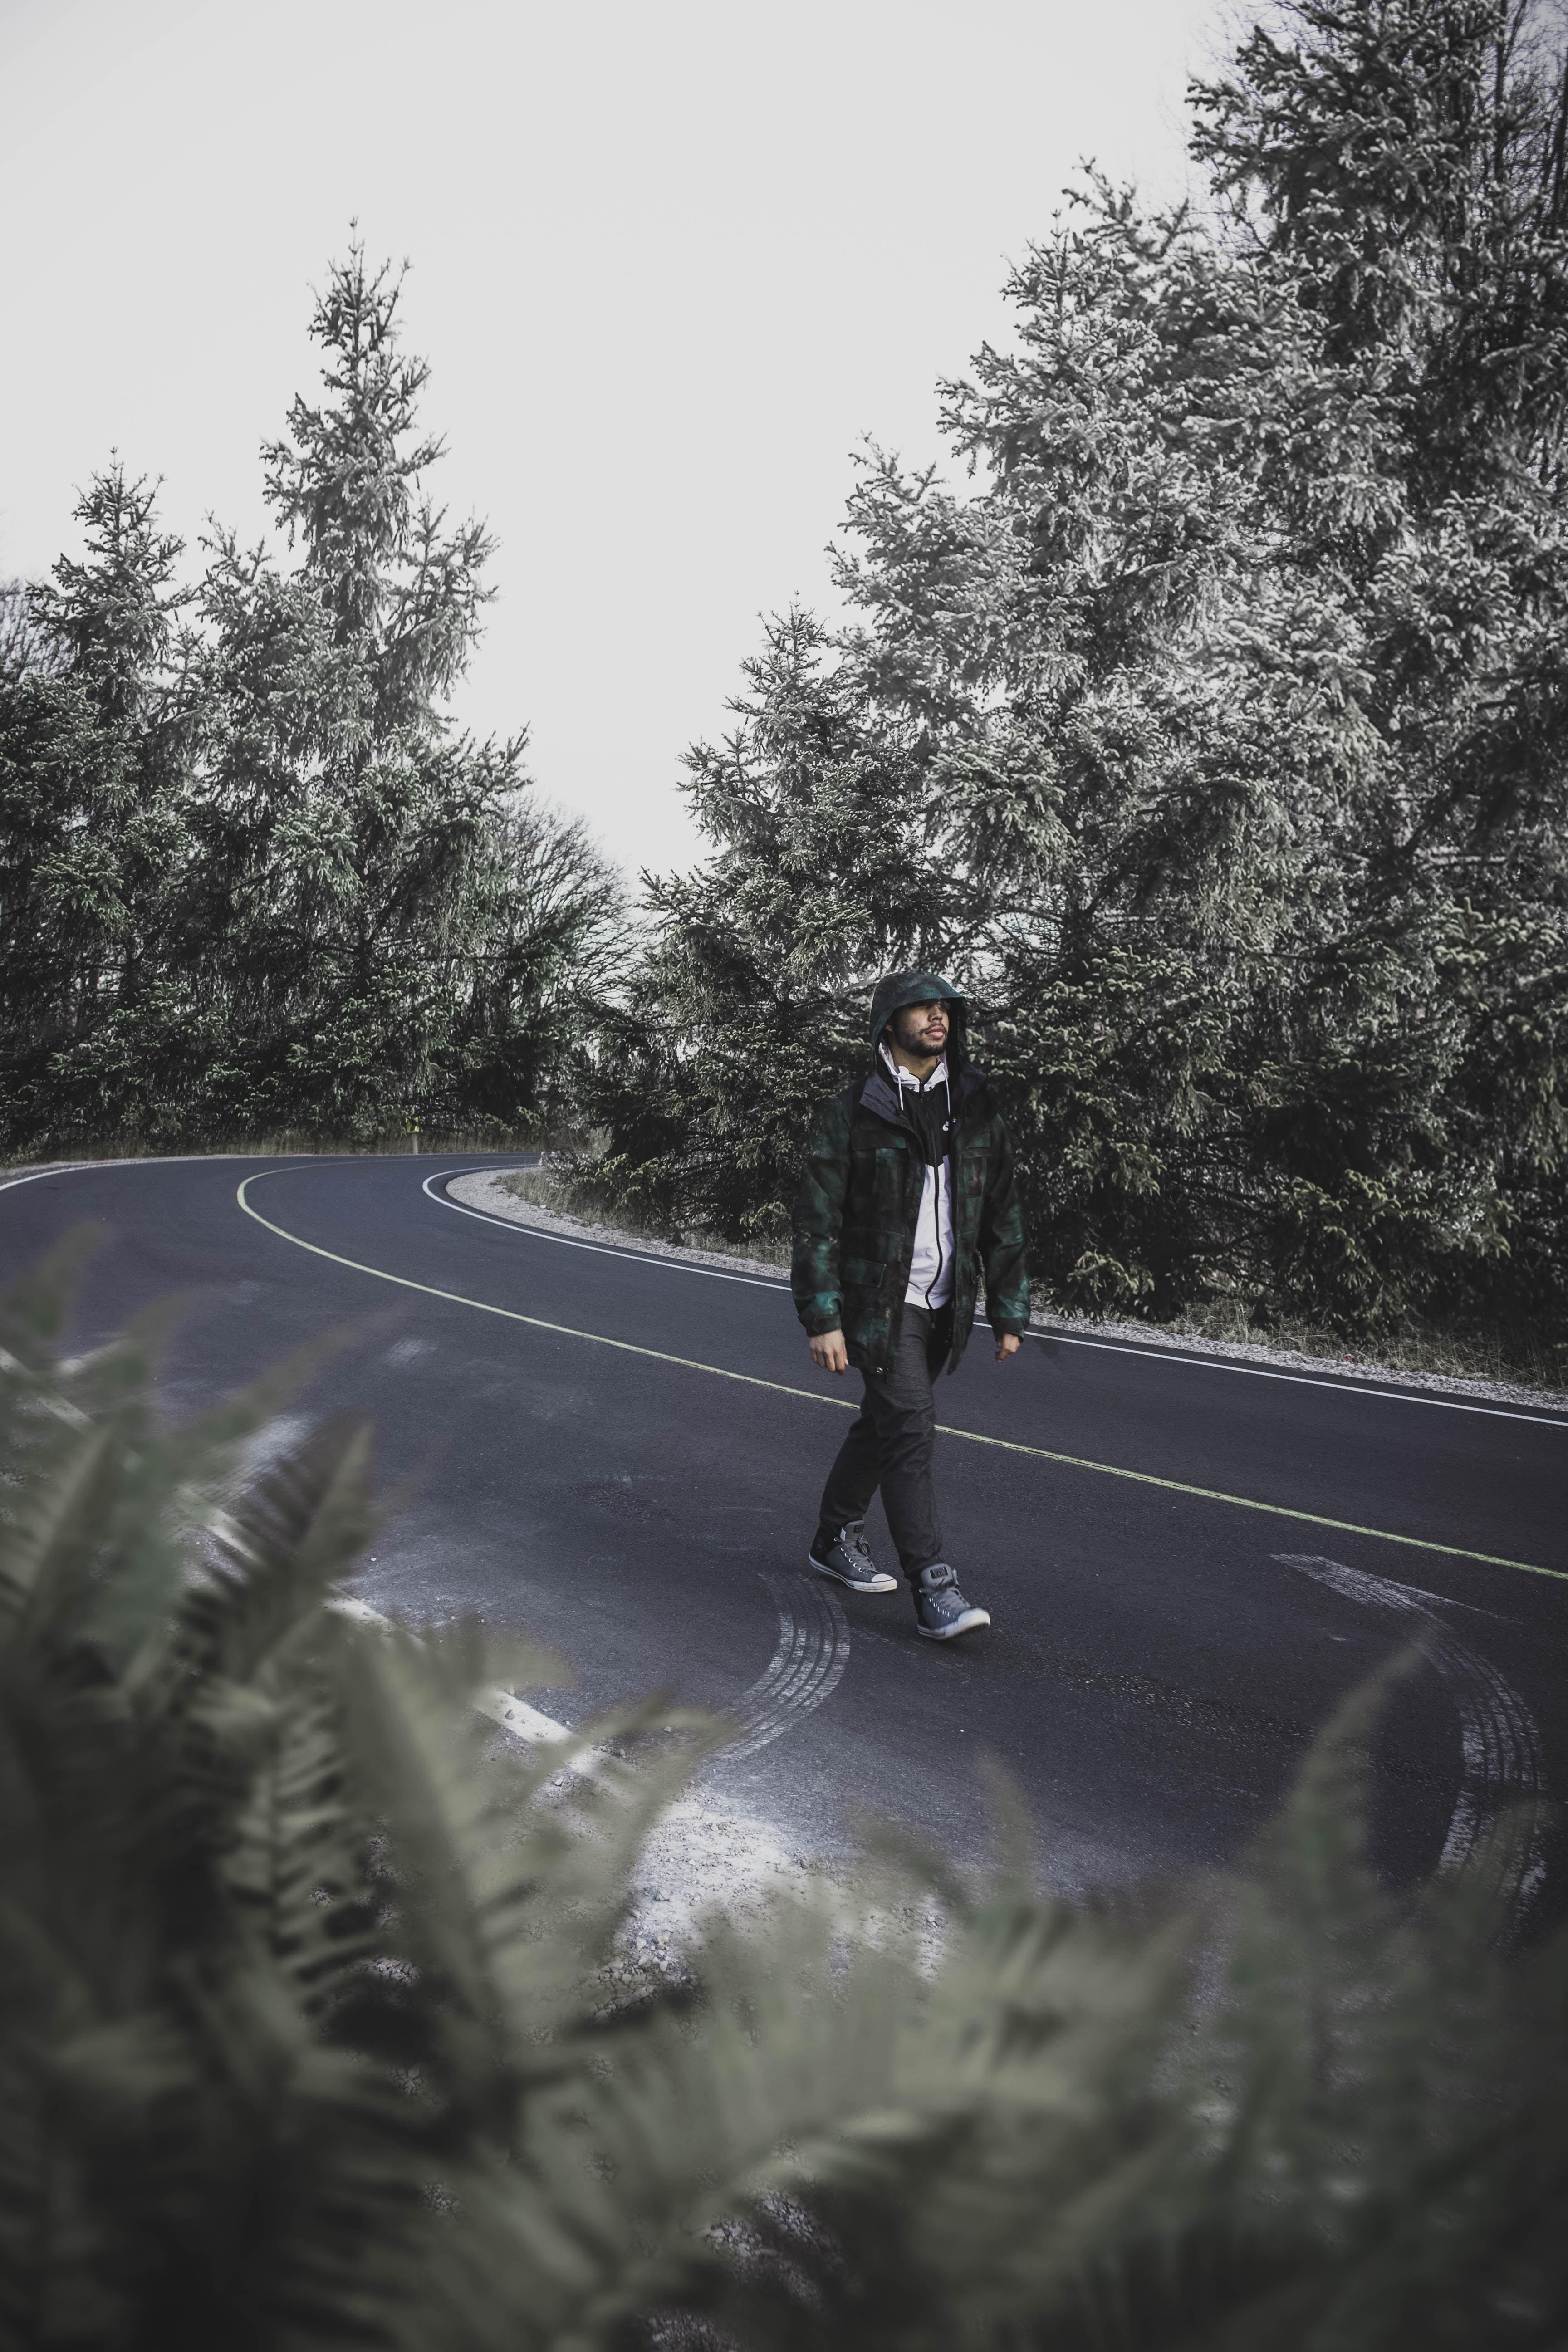 man walking on street between trees